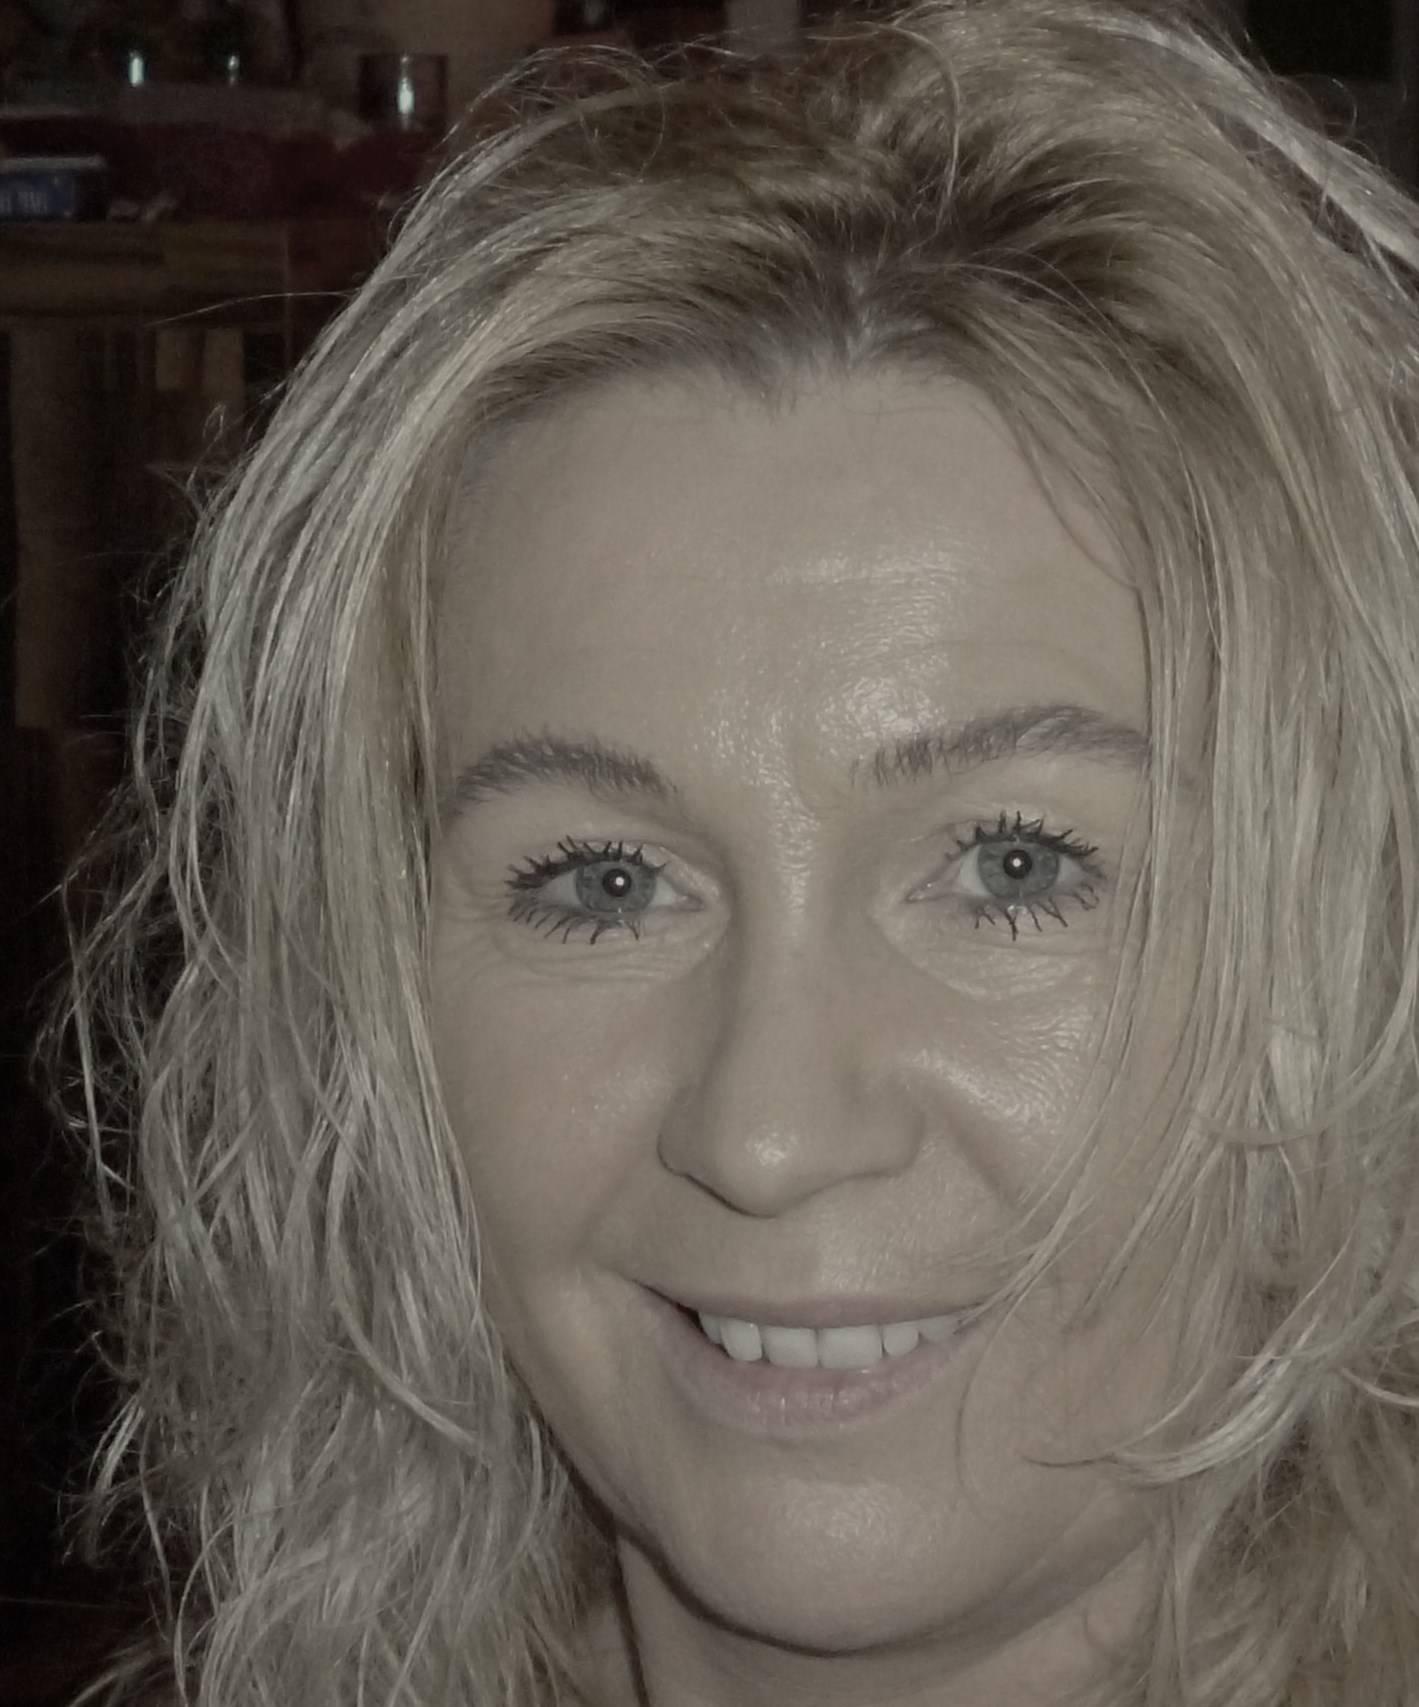 this MILF erfahrungsberichte partnervermittlung ukraine like fuck person Destroyed